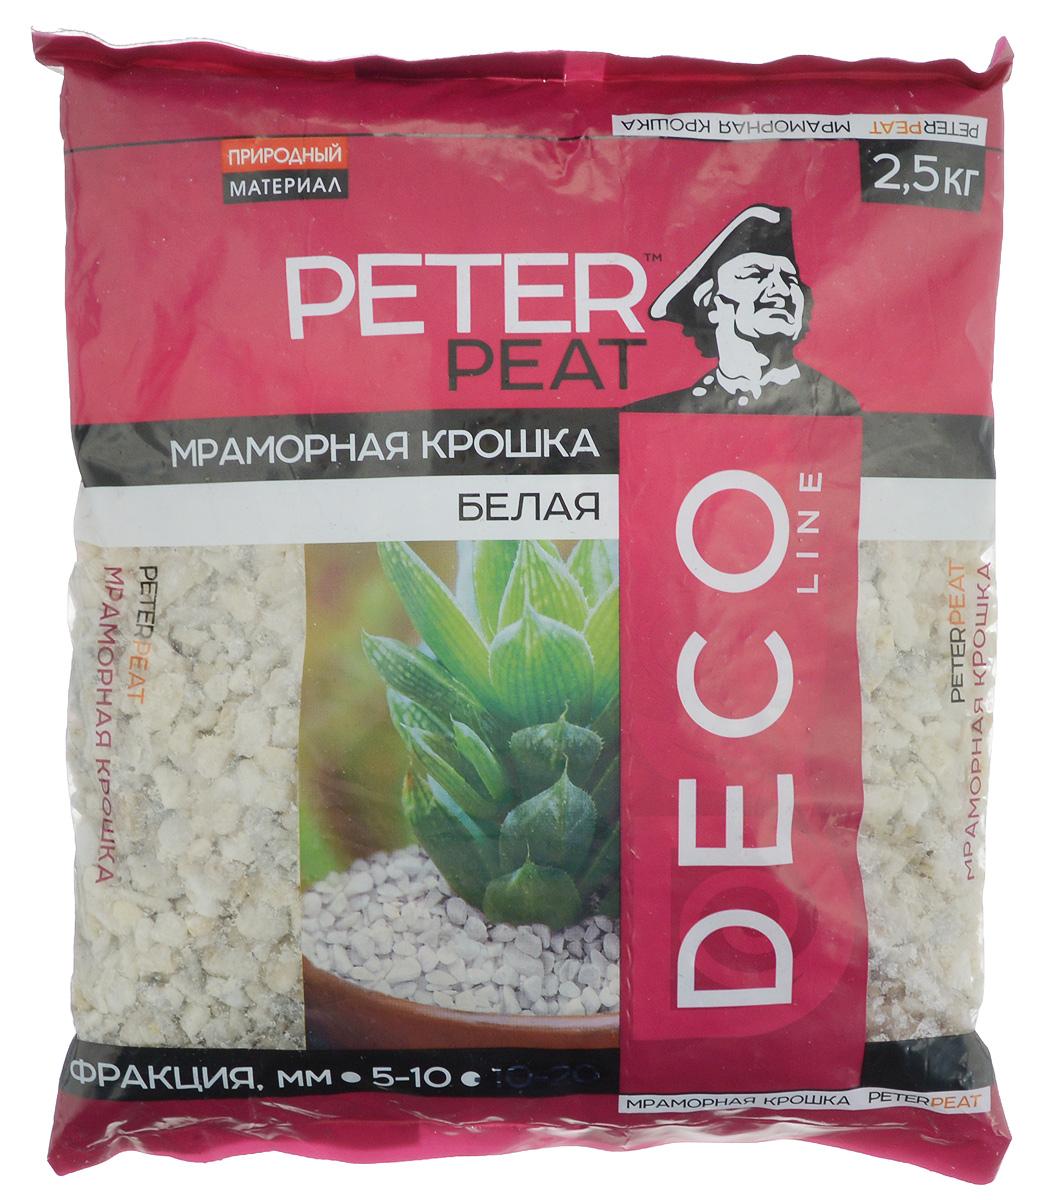 Мраморная крошка Peter Peat, мелкая, цвет: белый, 2,5 кгД-0511-2,5Мраморная крошка Peter Peat - универсальный сыпучий декоративный материал зернисто-кристаллической породы, получаемый дроблением природного мрамора. Применяется в ландшафтном дизайне для оформления цветников, альпийских горок, оригинальных клумб, засыпки тропинок и создания композиций. Мраморная крошка обладает фильтрующими свойствами и отличается своей долговечностью.